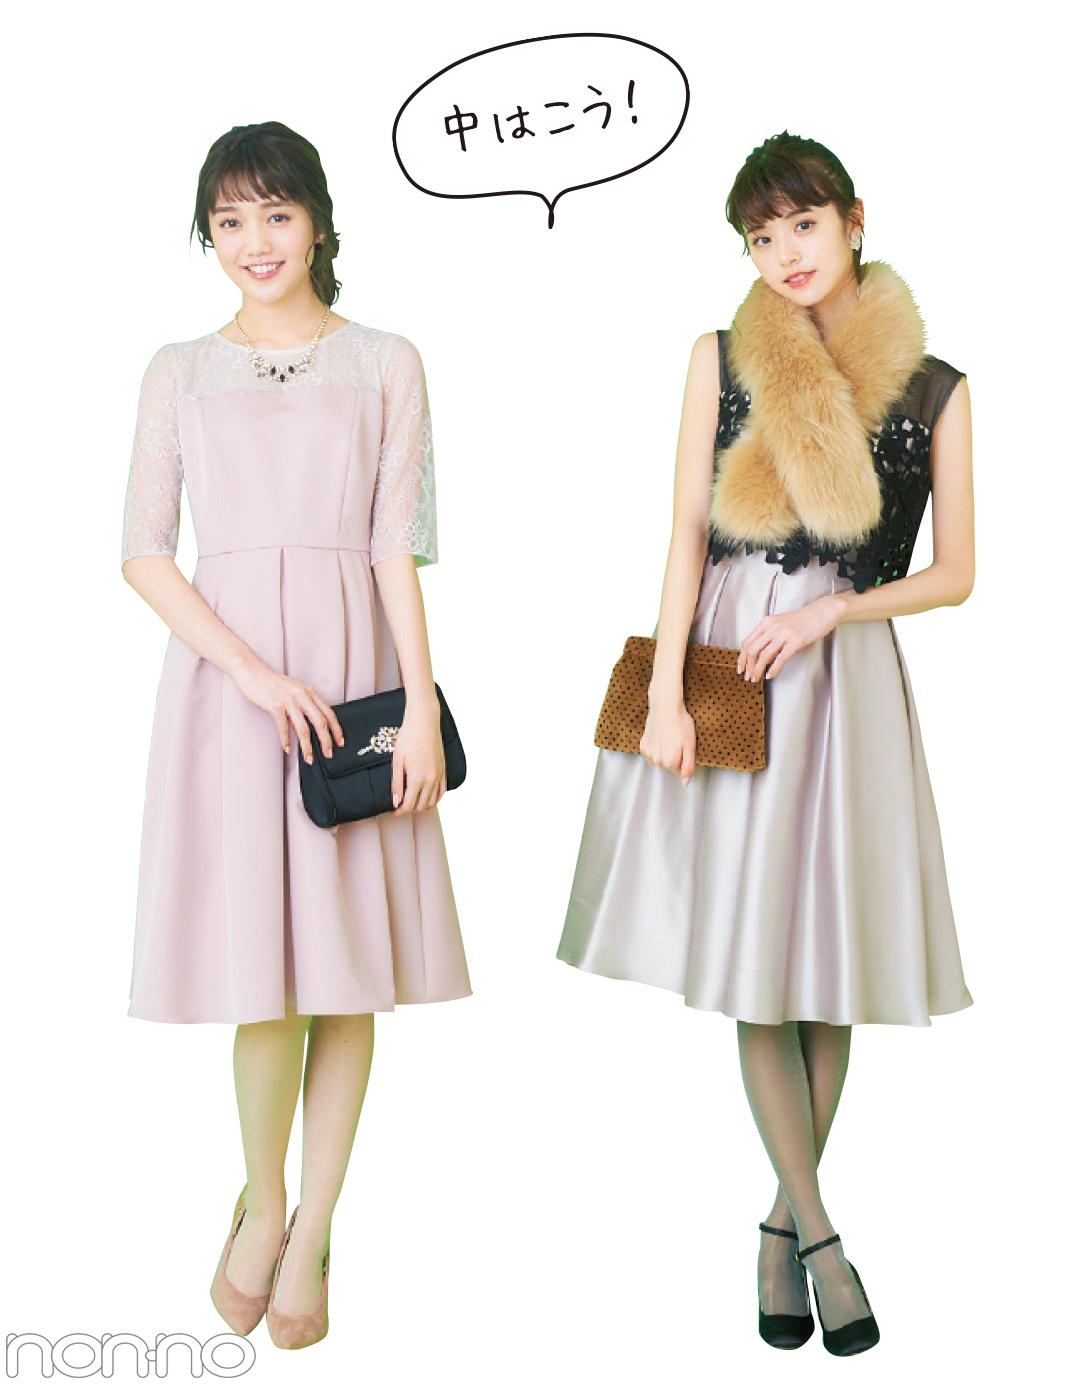 大学の謝恩会、服装どうする? ドレス+コートのモテコーデ教えます!_1_2